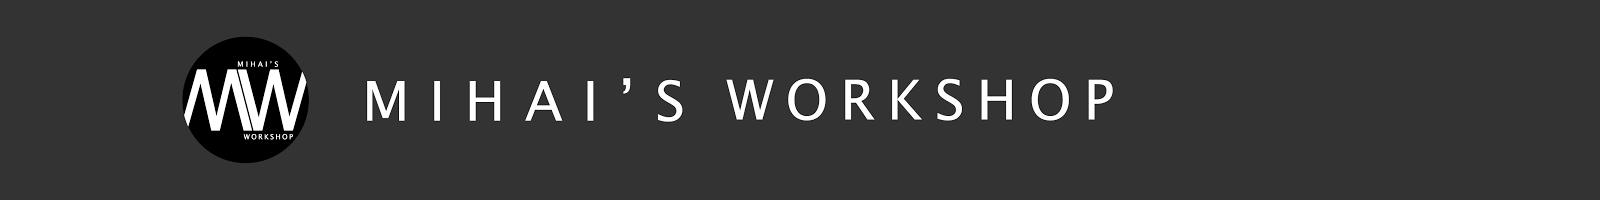 mihaisworkshop.com